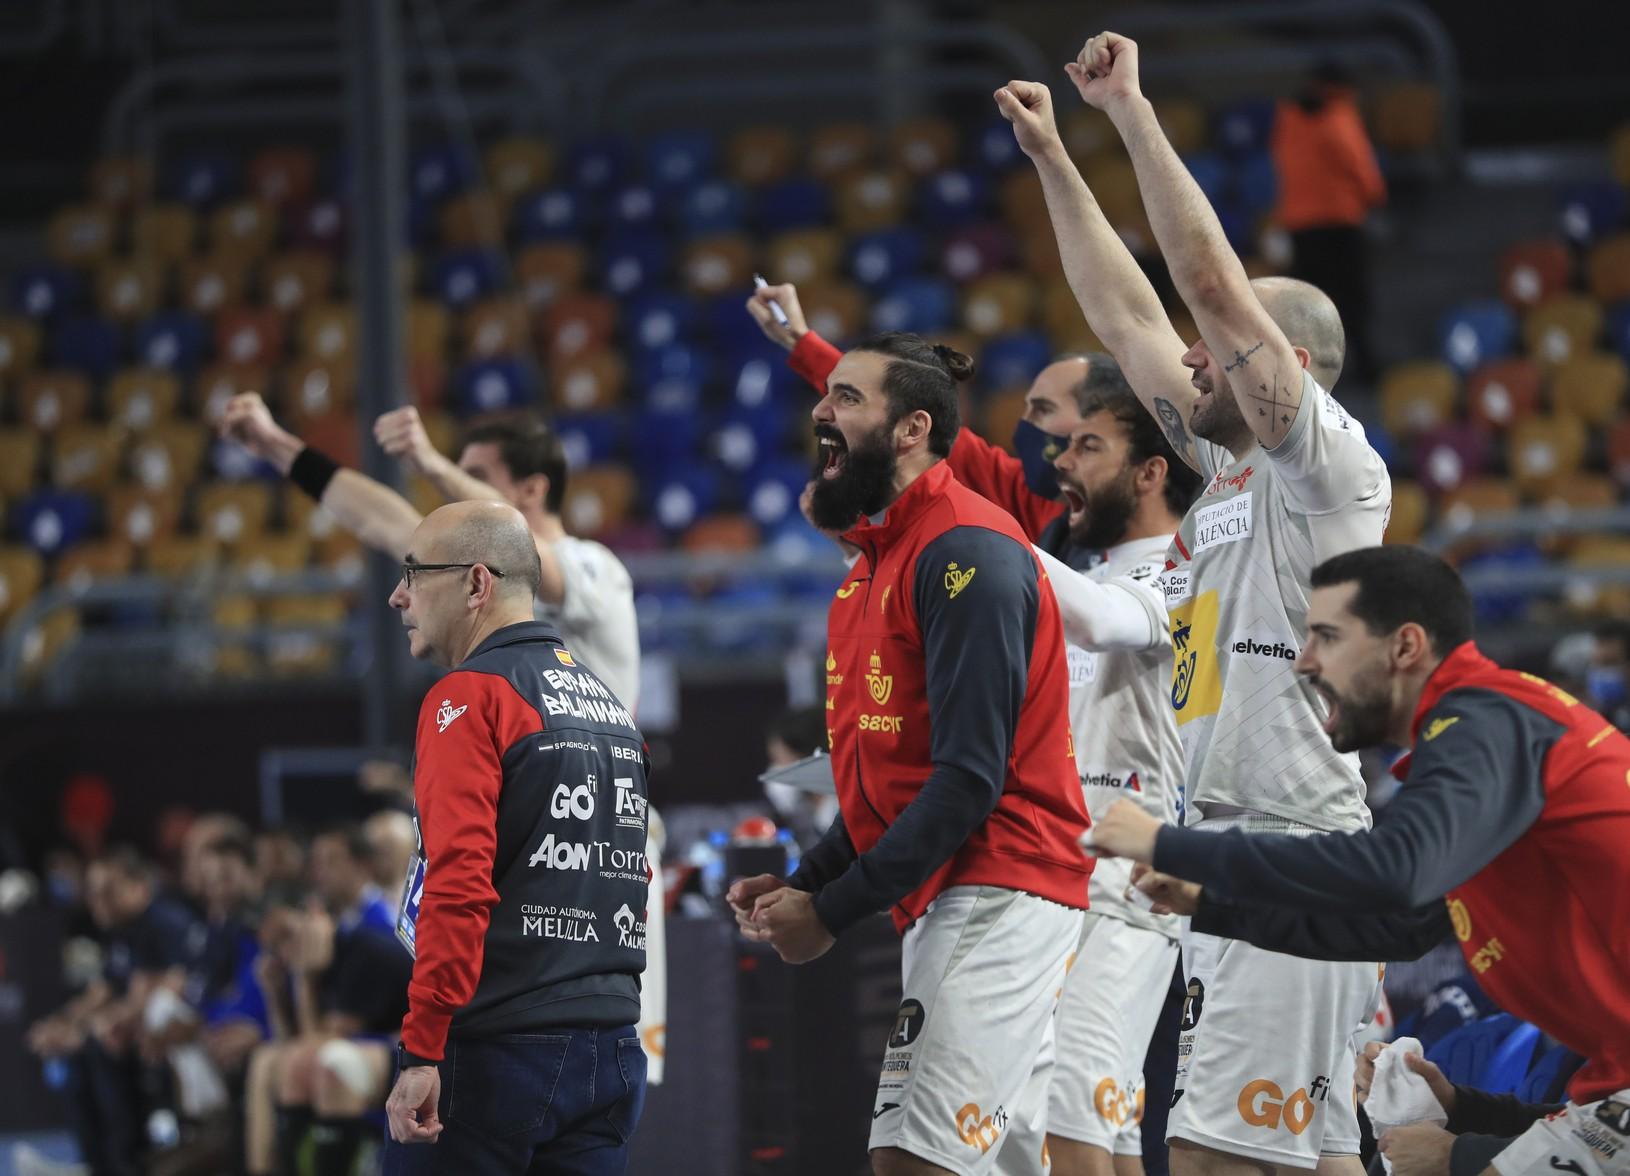 Španieli získali bronz po